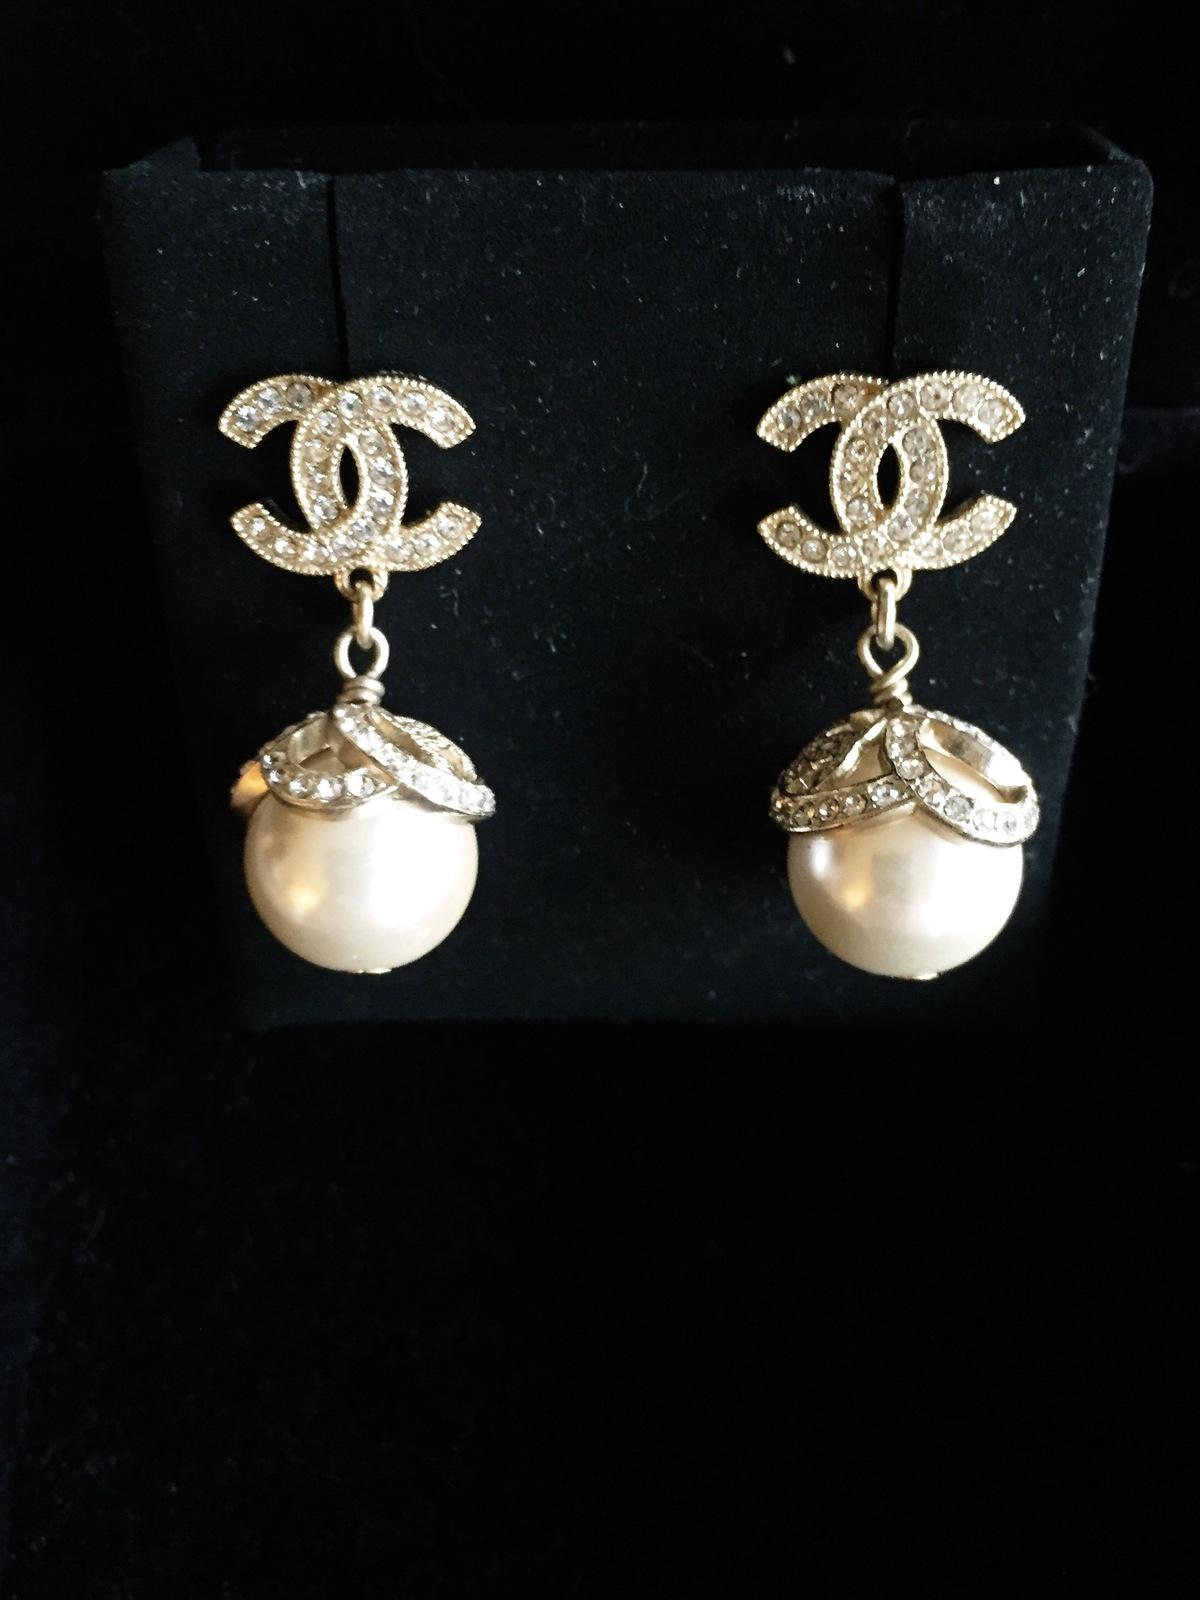 unique diamond chanel logo earrings jewellry�s website